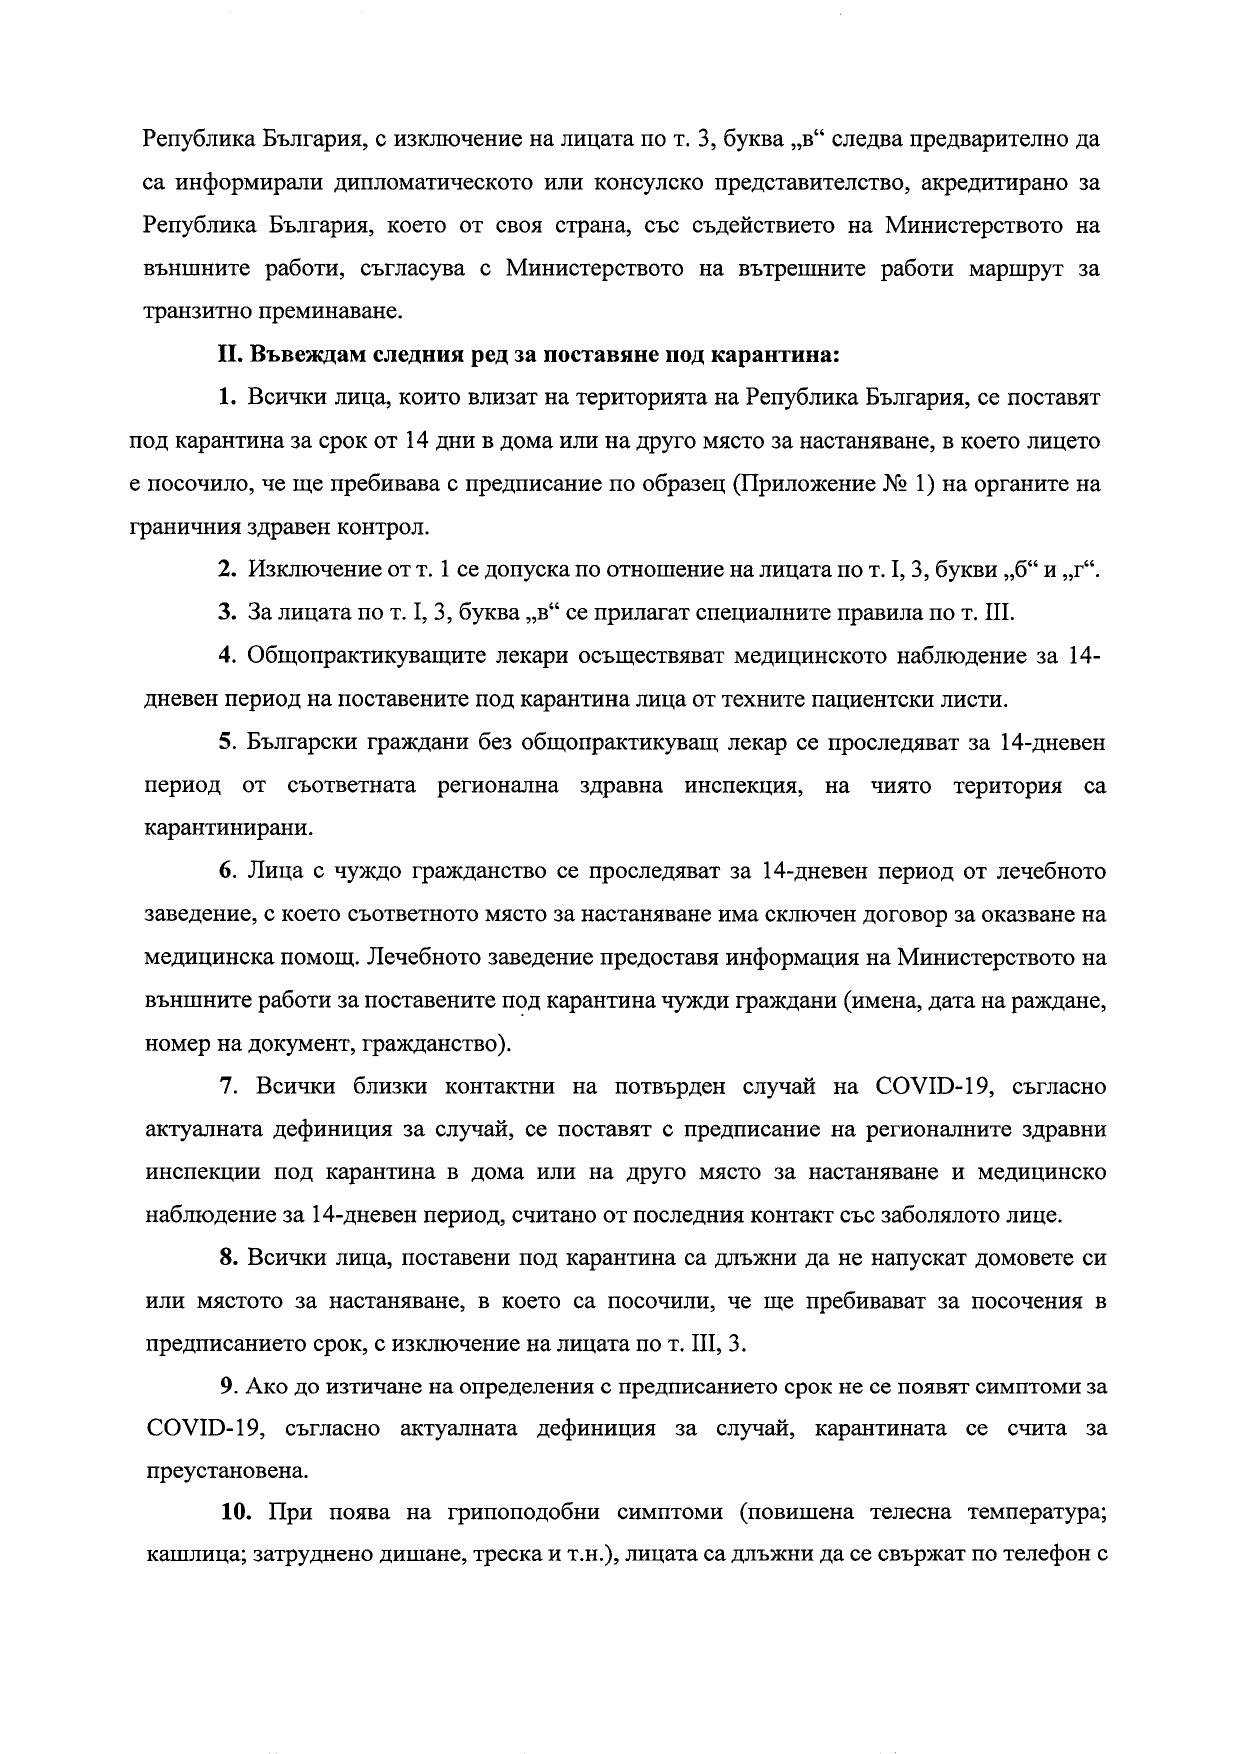 ананиев забрана 2